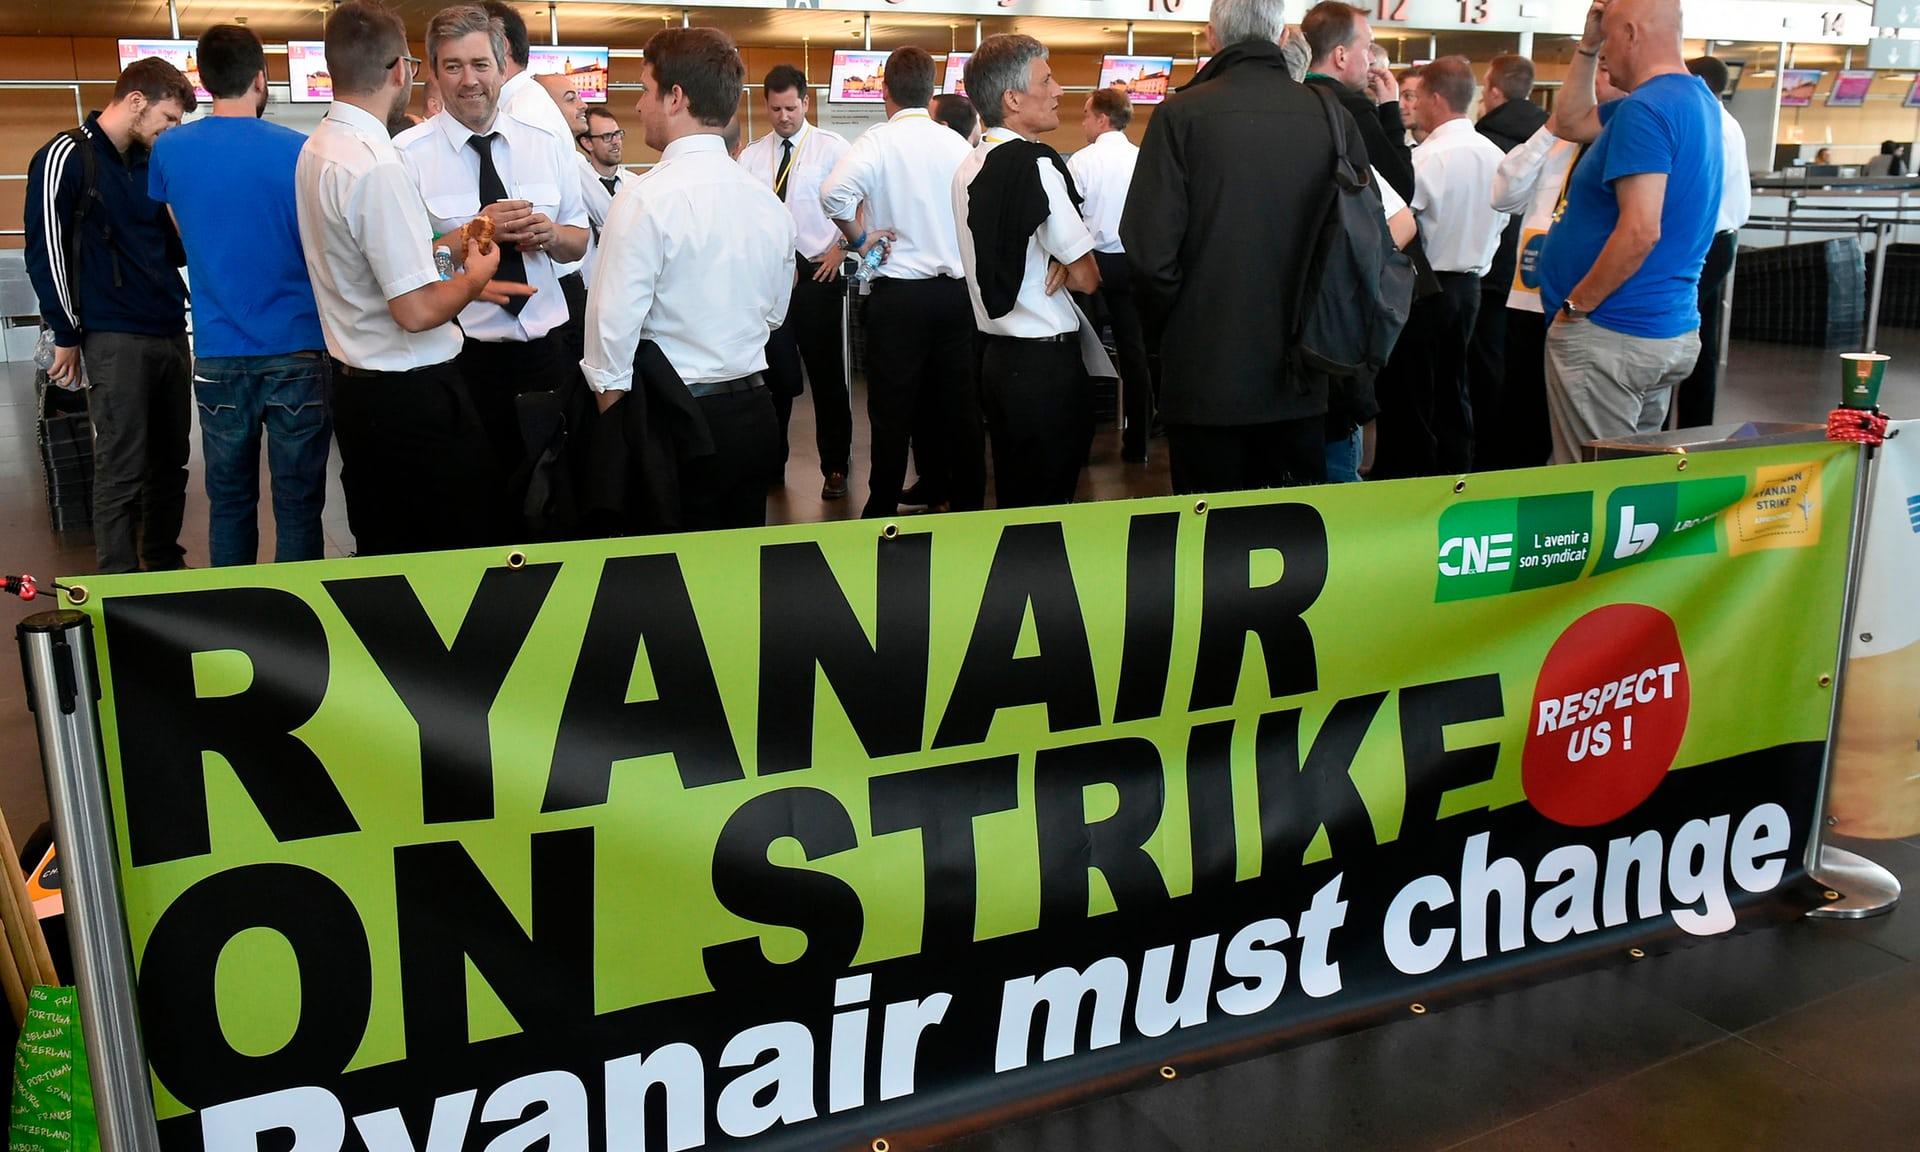 Pilotët nga 5 vende të kompanisë ajrore Ryanair në grevë